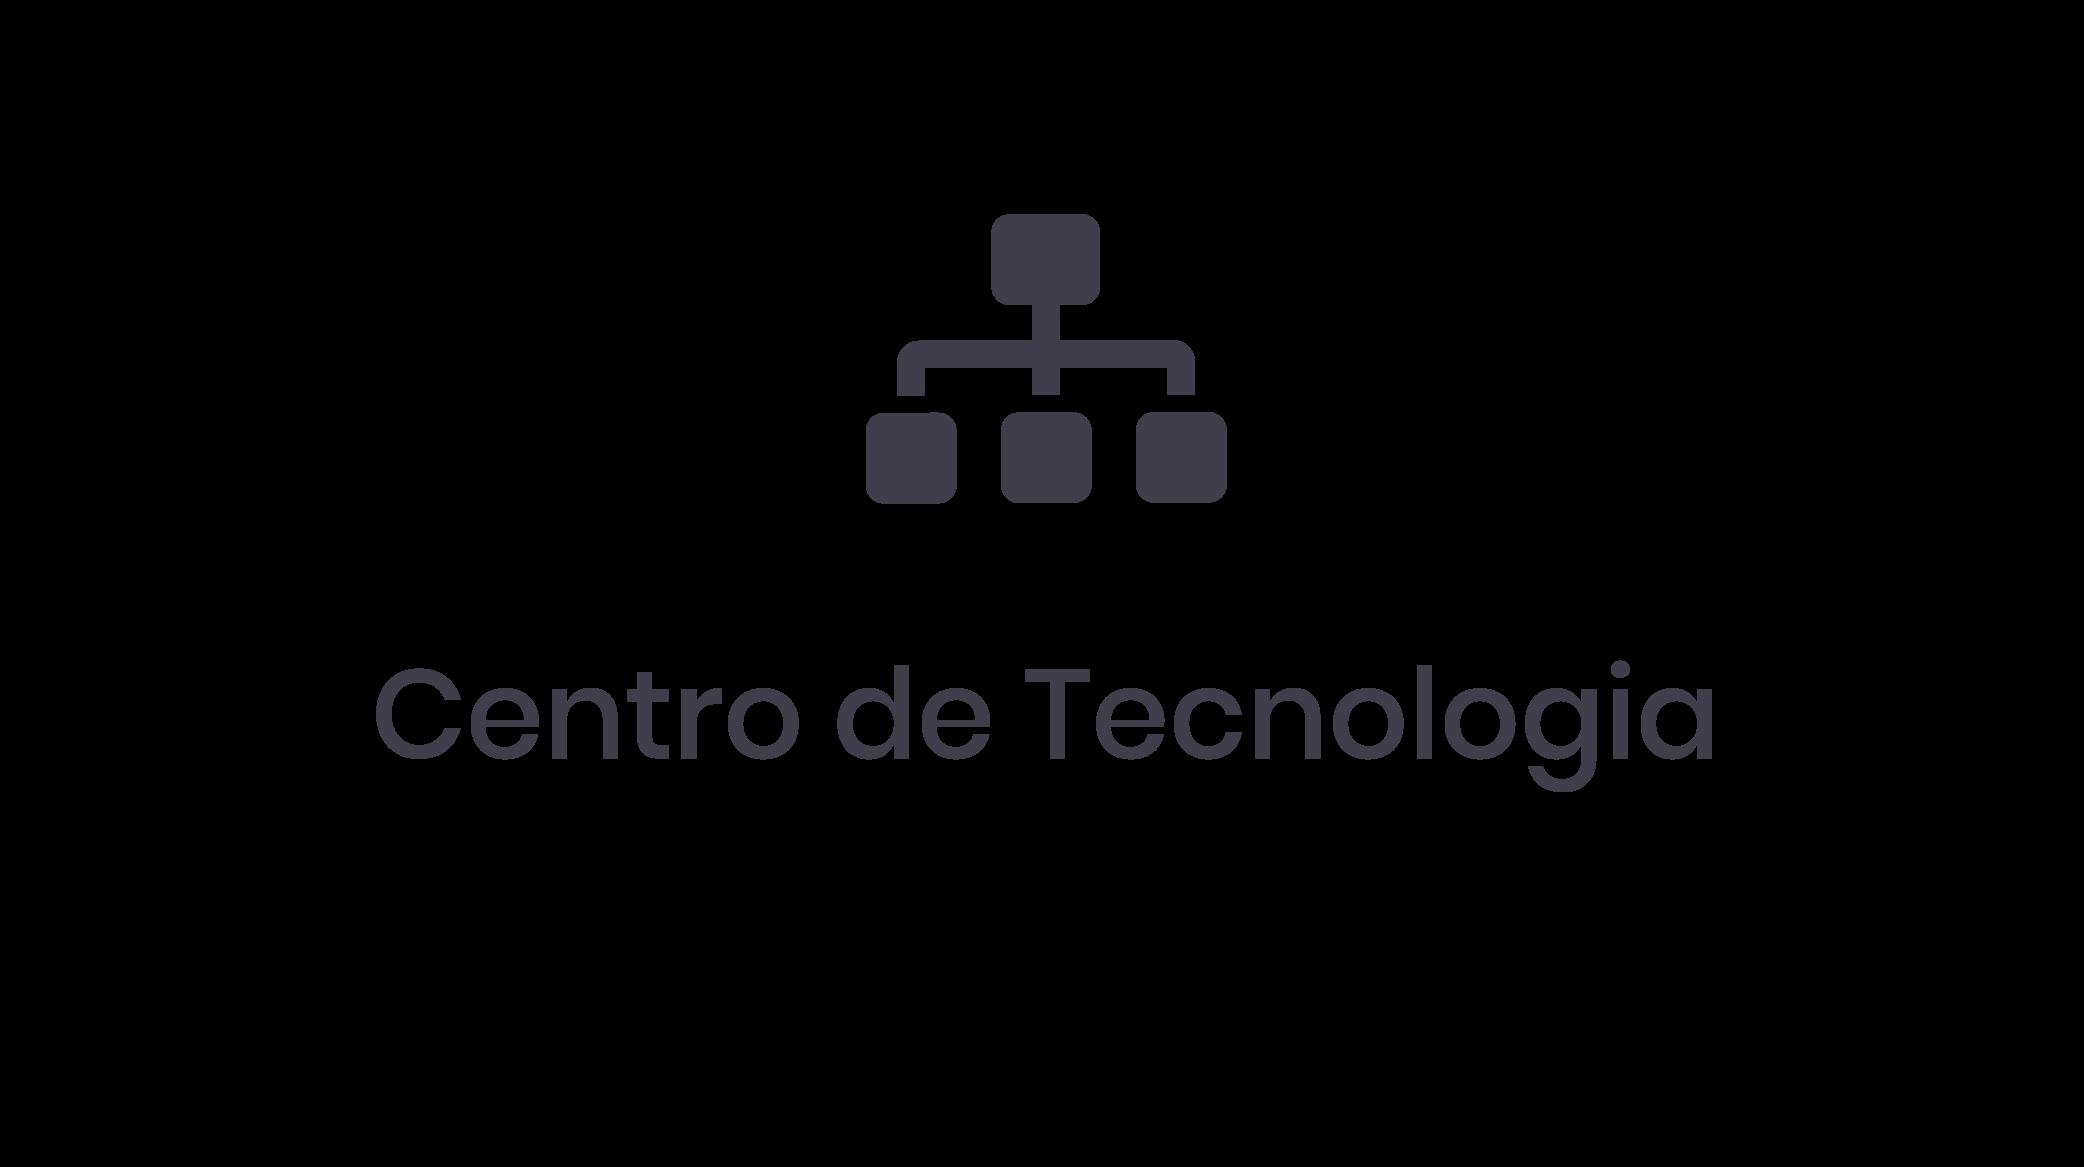 Centro de Tecnologia